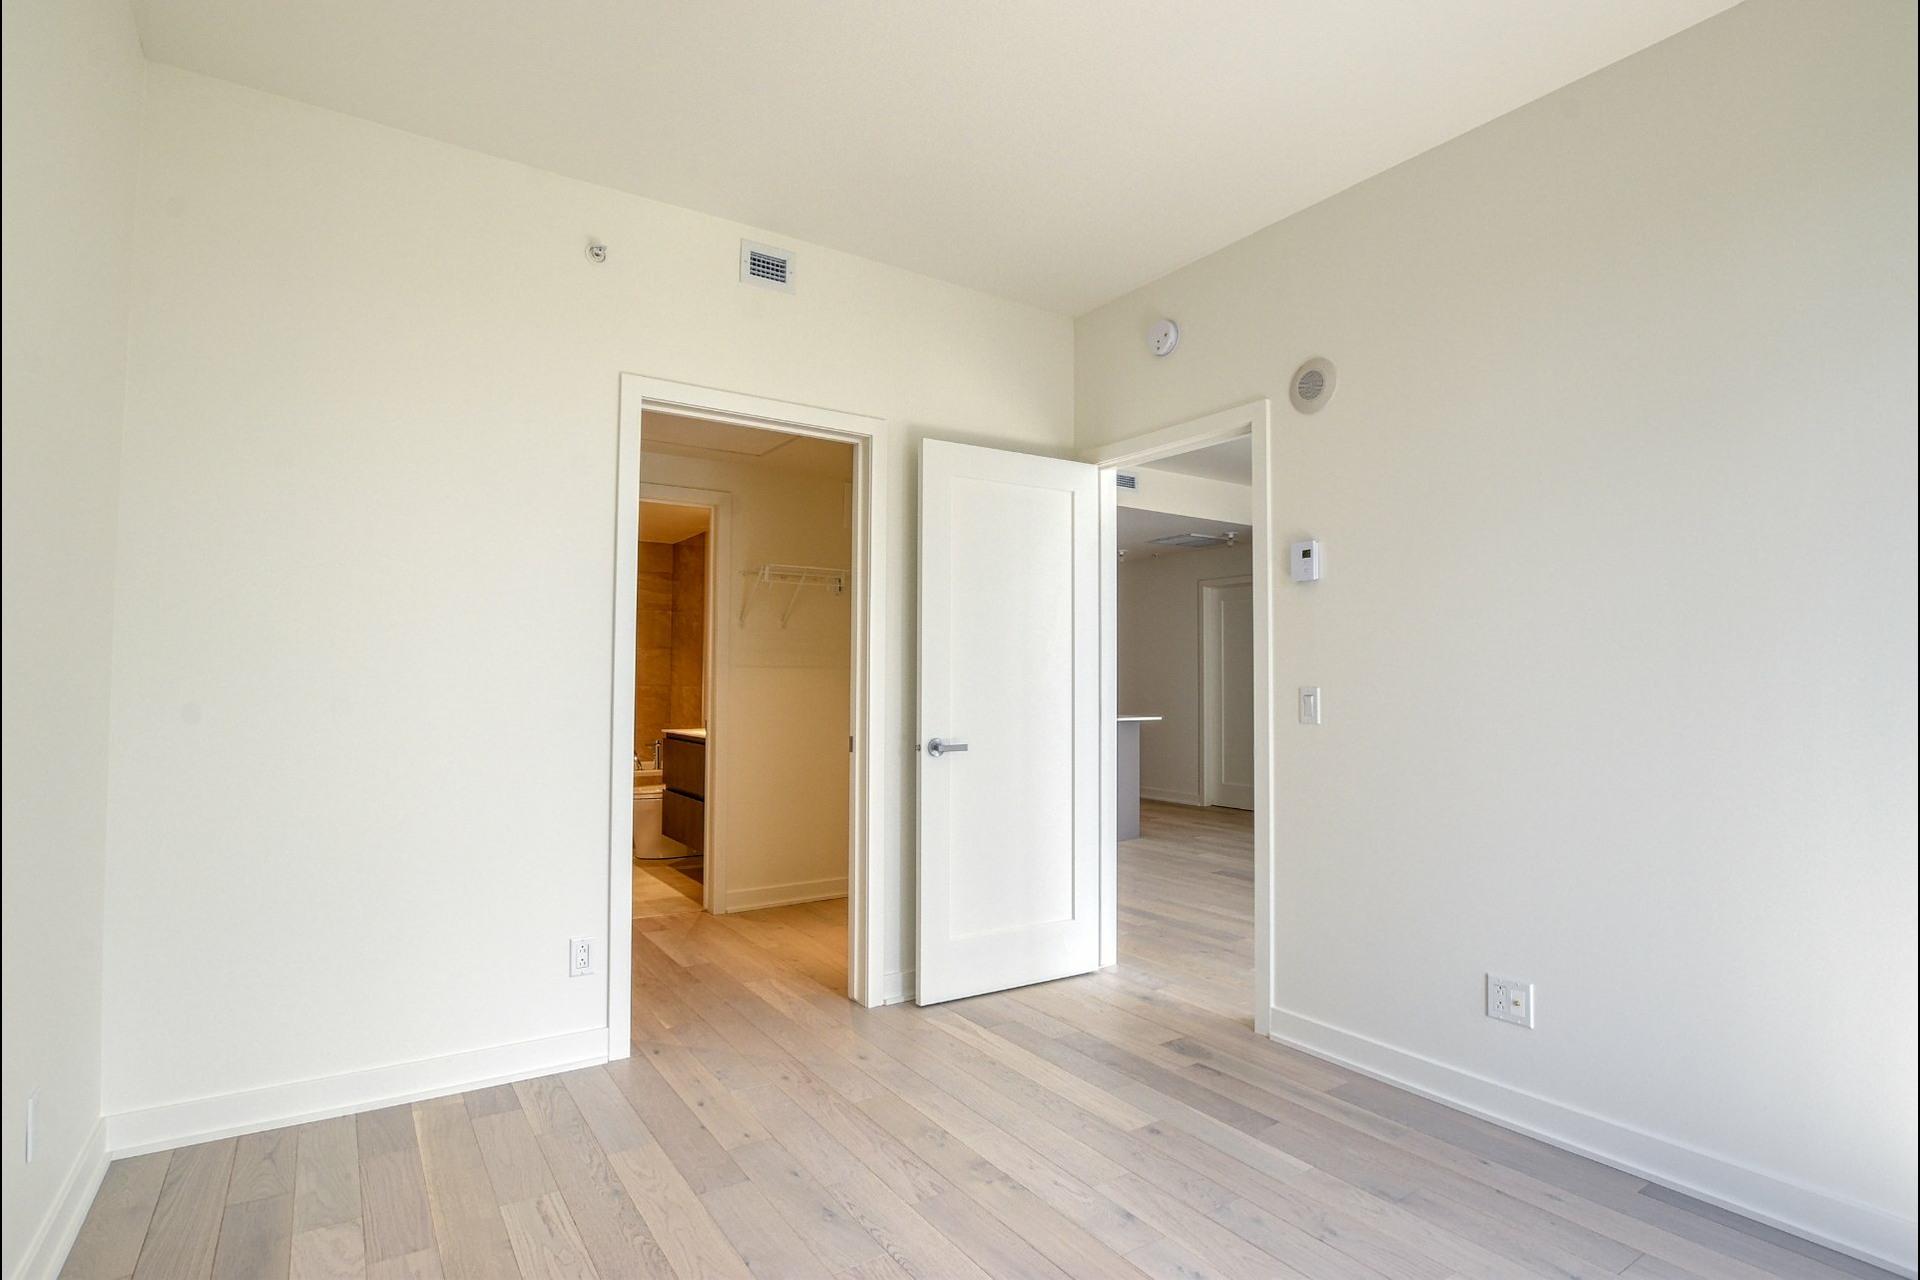 image 9 - Appartement À louer Verdun/Île-des-Soeurs Montréal  - 4 pièces